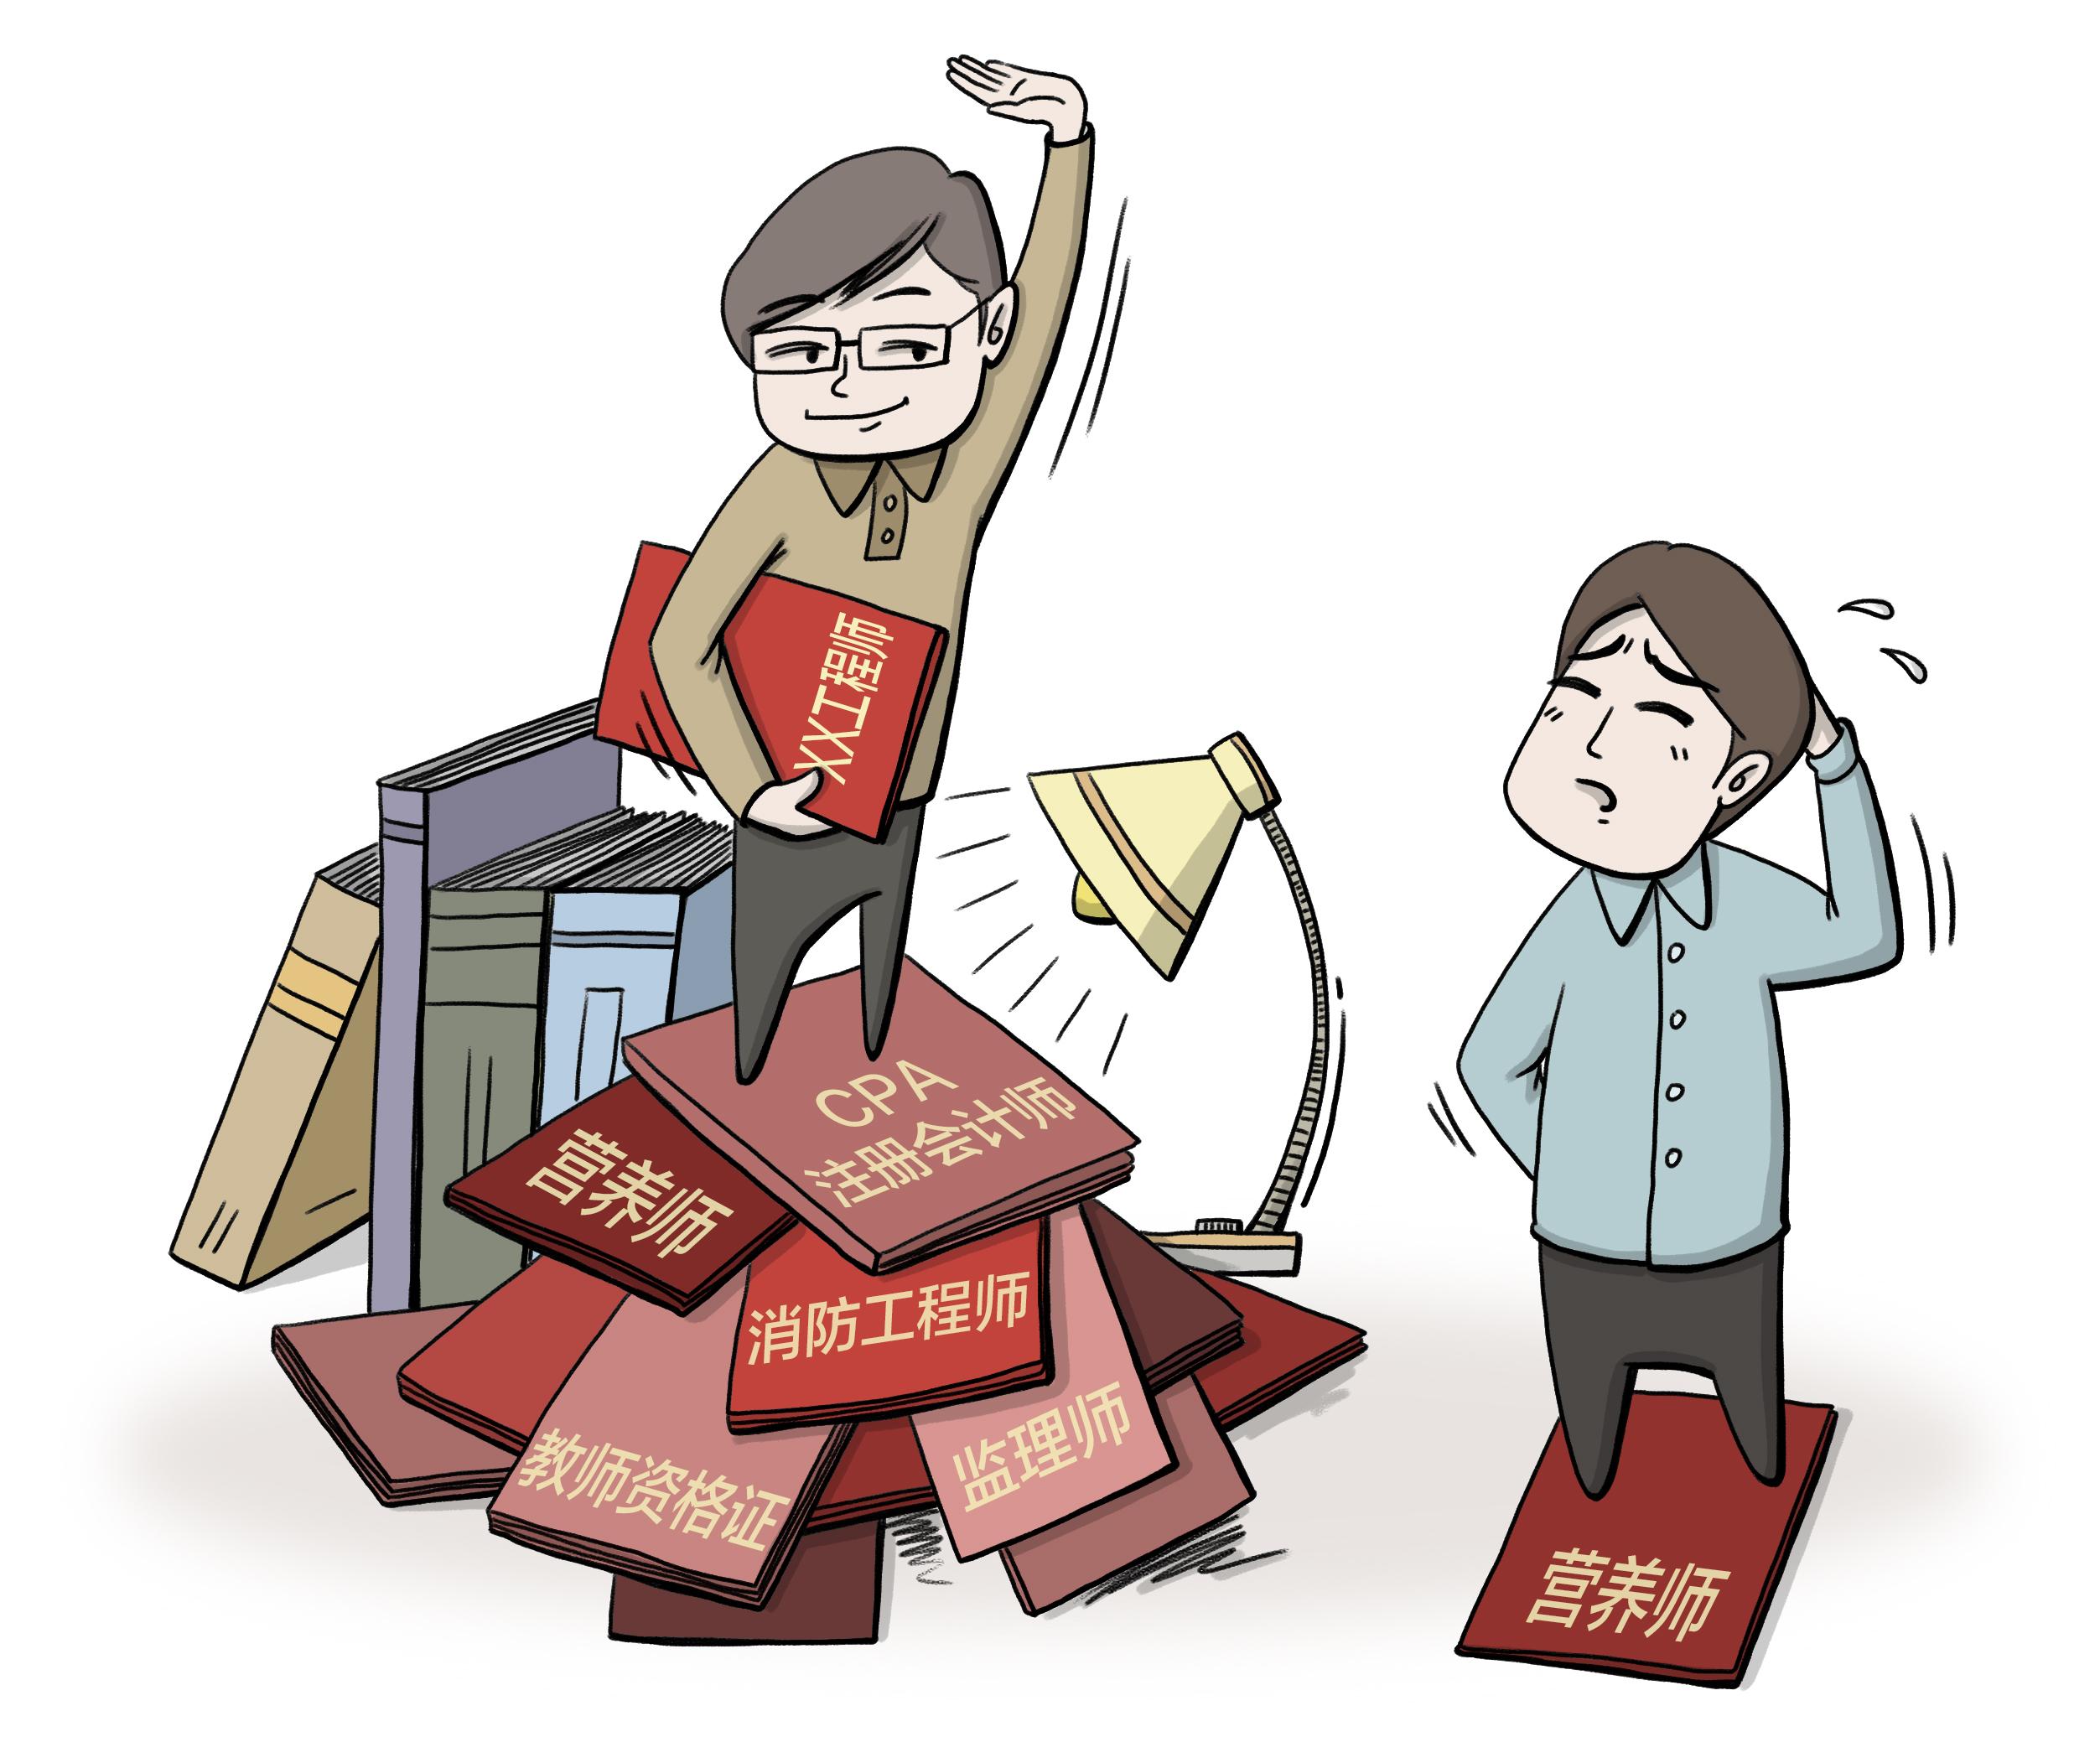 调查   多个证书等于多条出路?考证增强自信,但别盲从上当